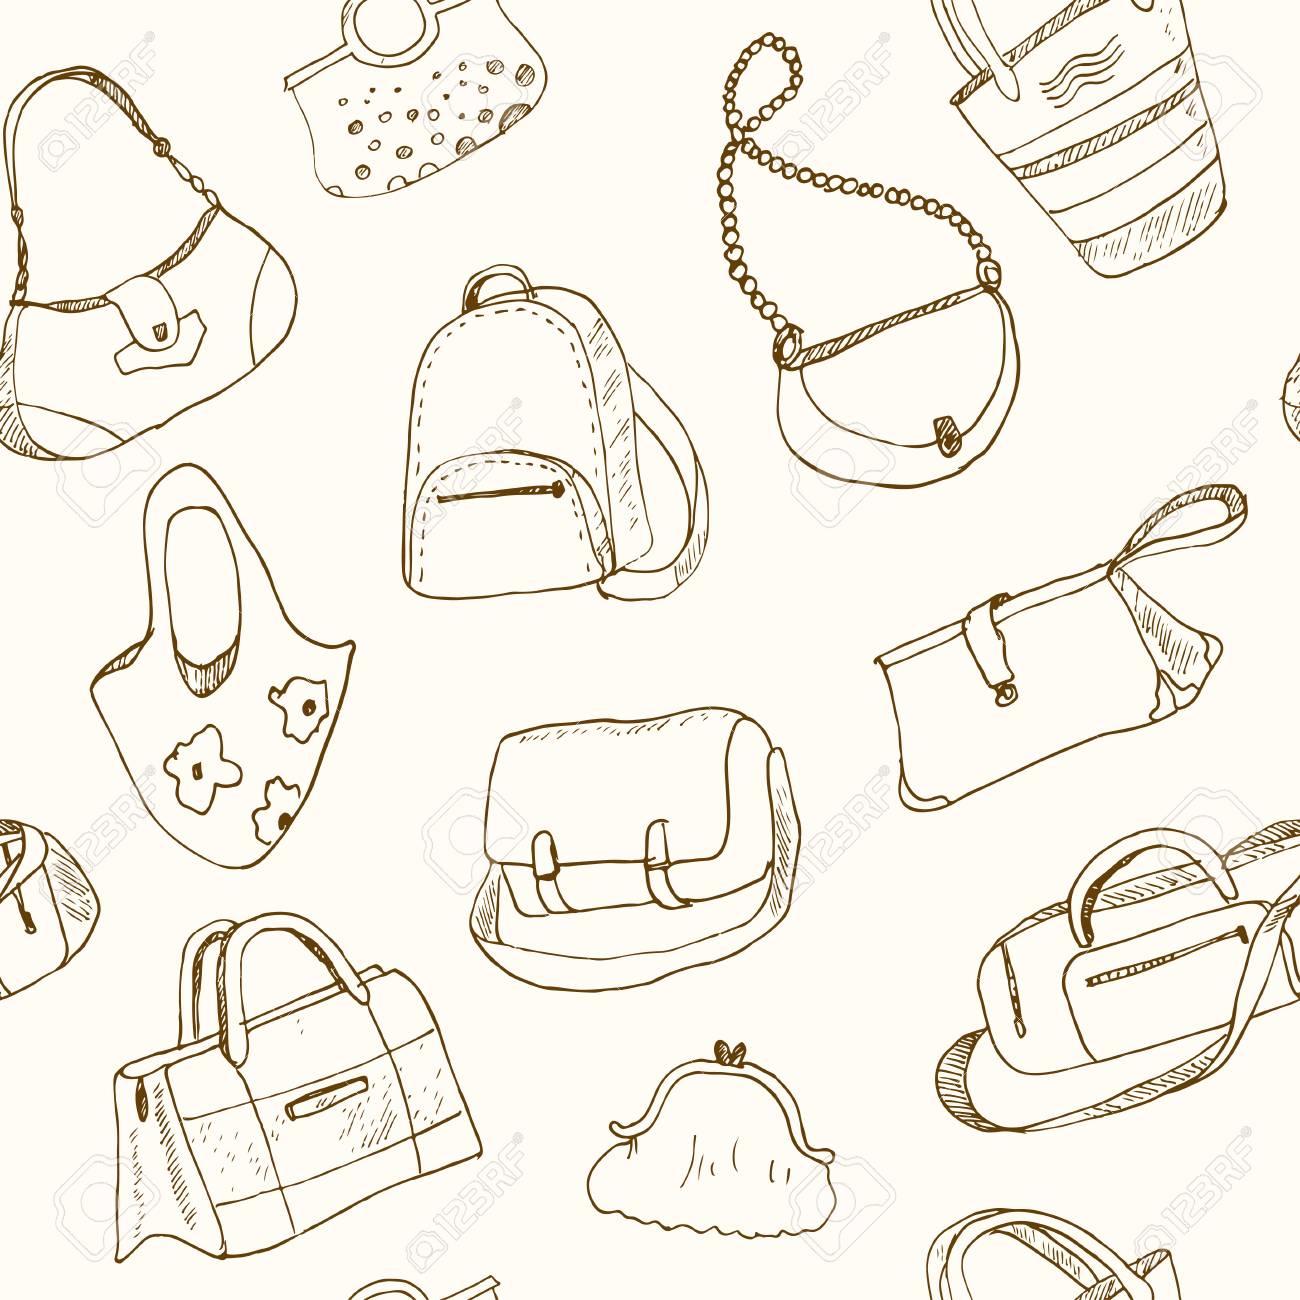 Dessinés La Main Illustration Bagages Esquisse Vector À Seamless VoyageValiseCasSac Pour Doodle Sacs Juc5lFT13K